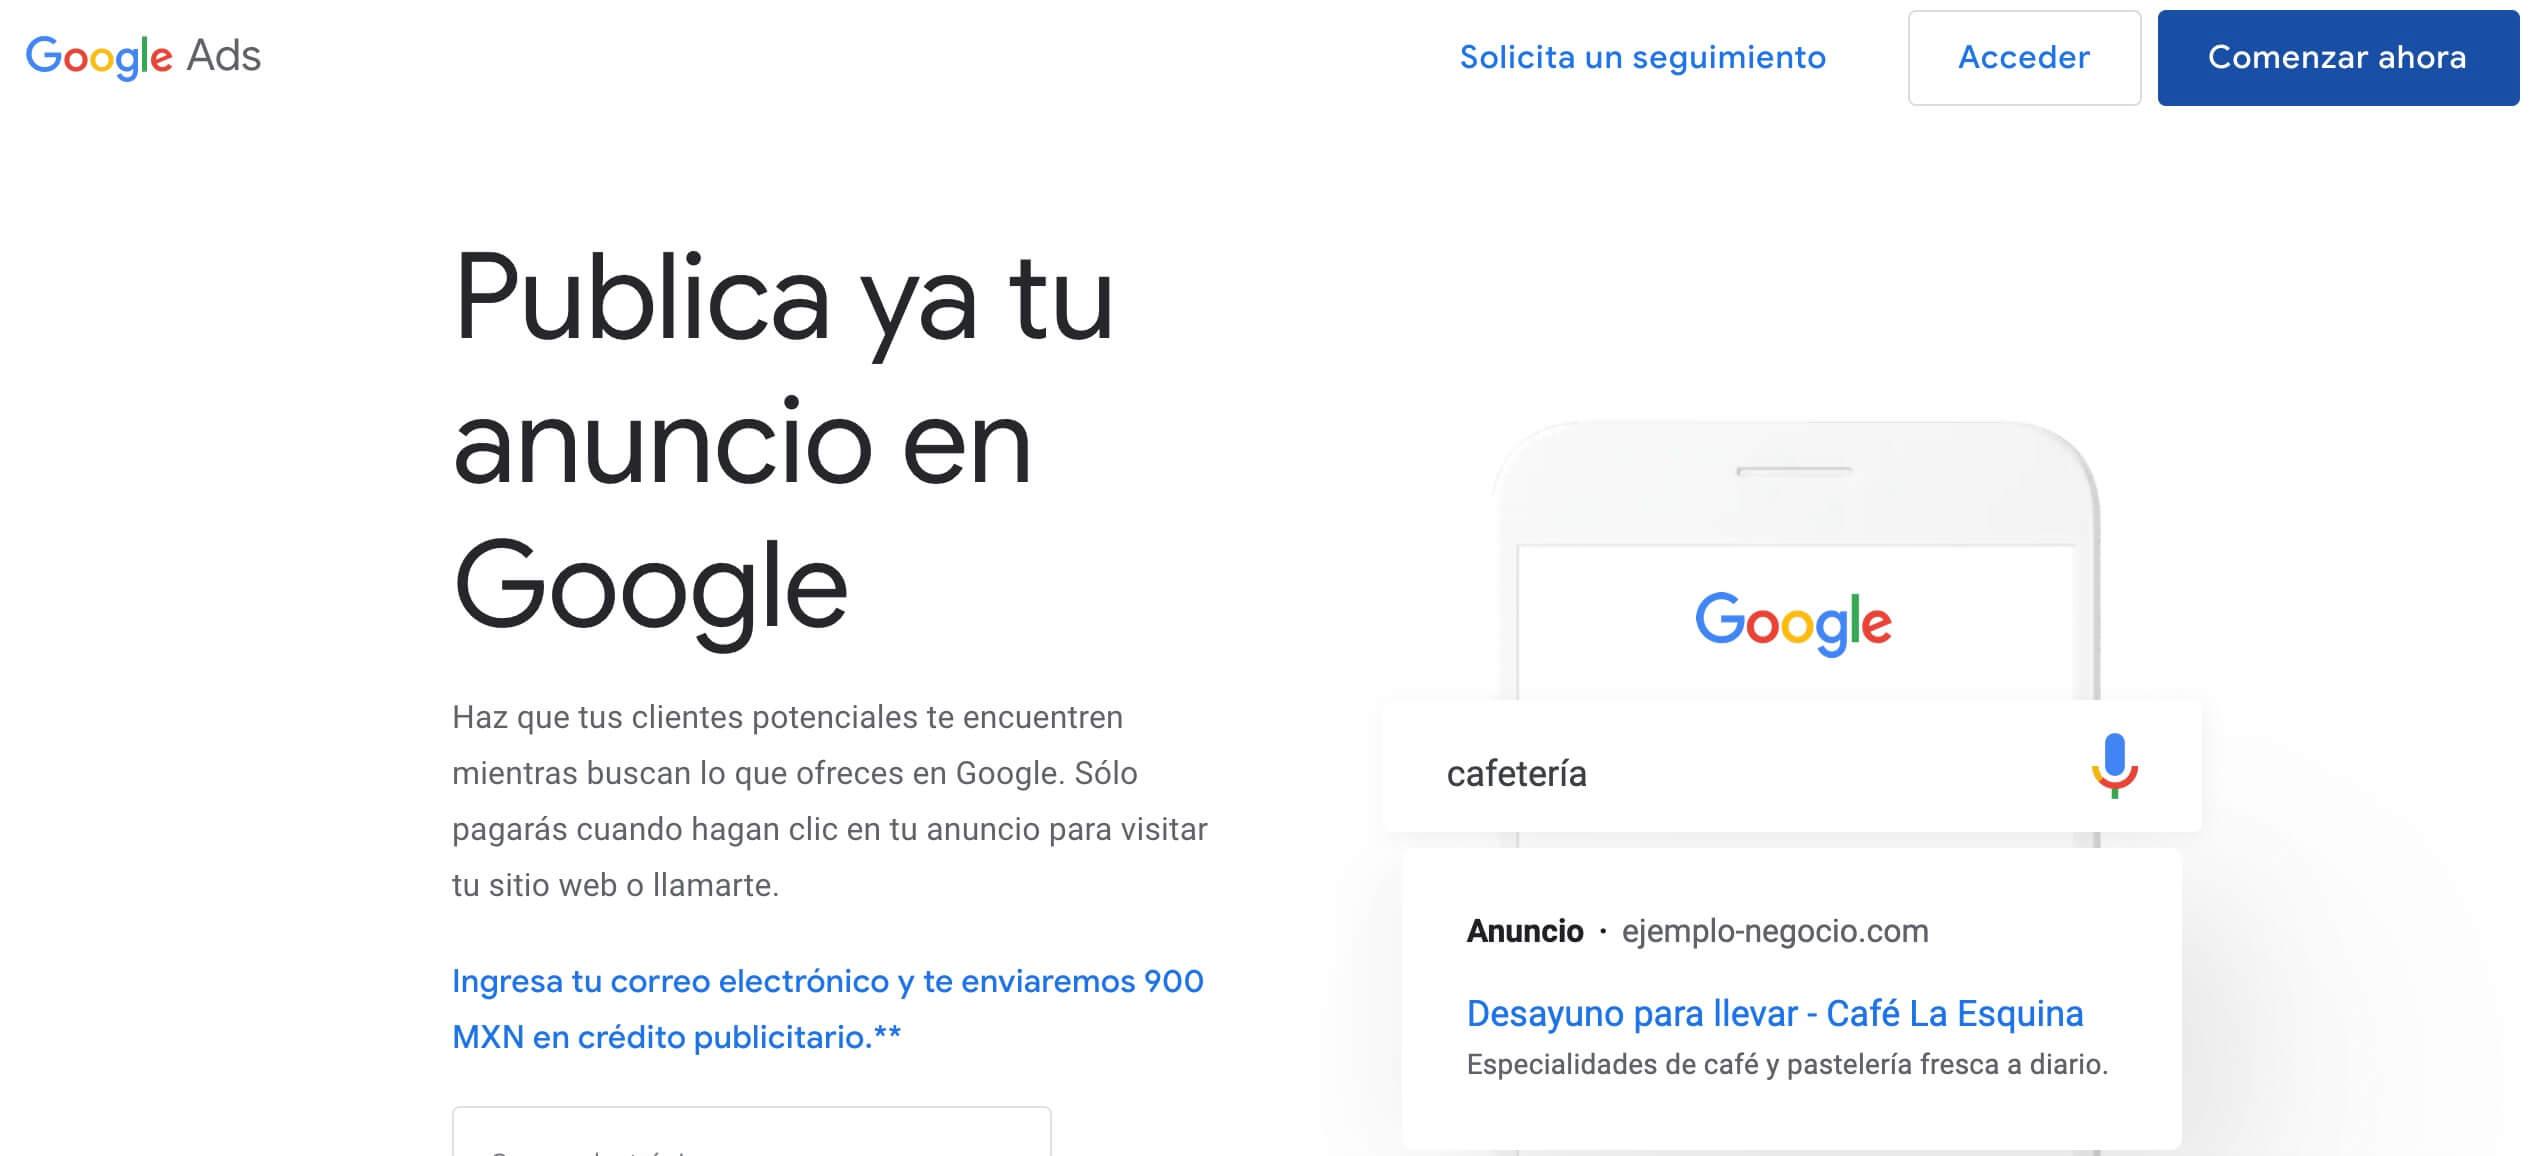 Herramientas de publicidad digital: Google Ads